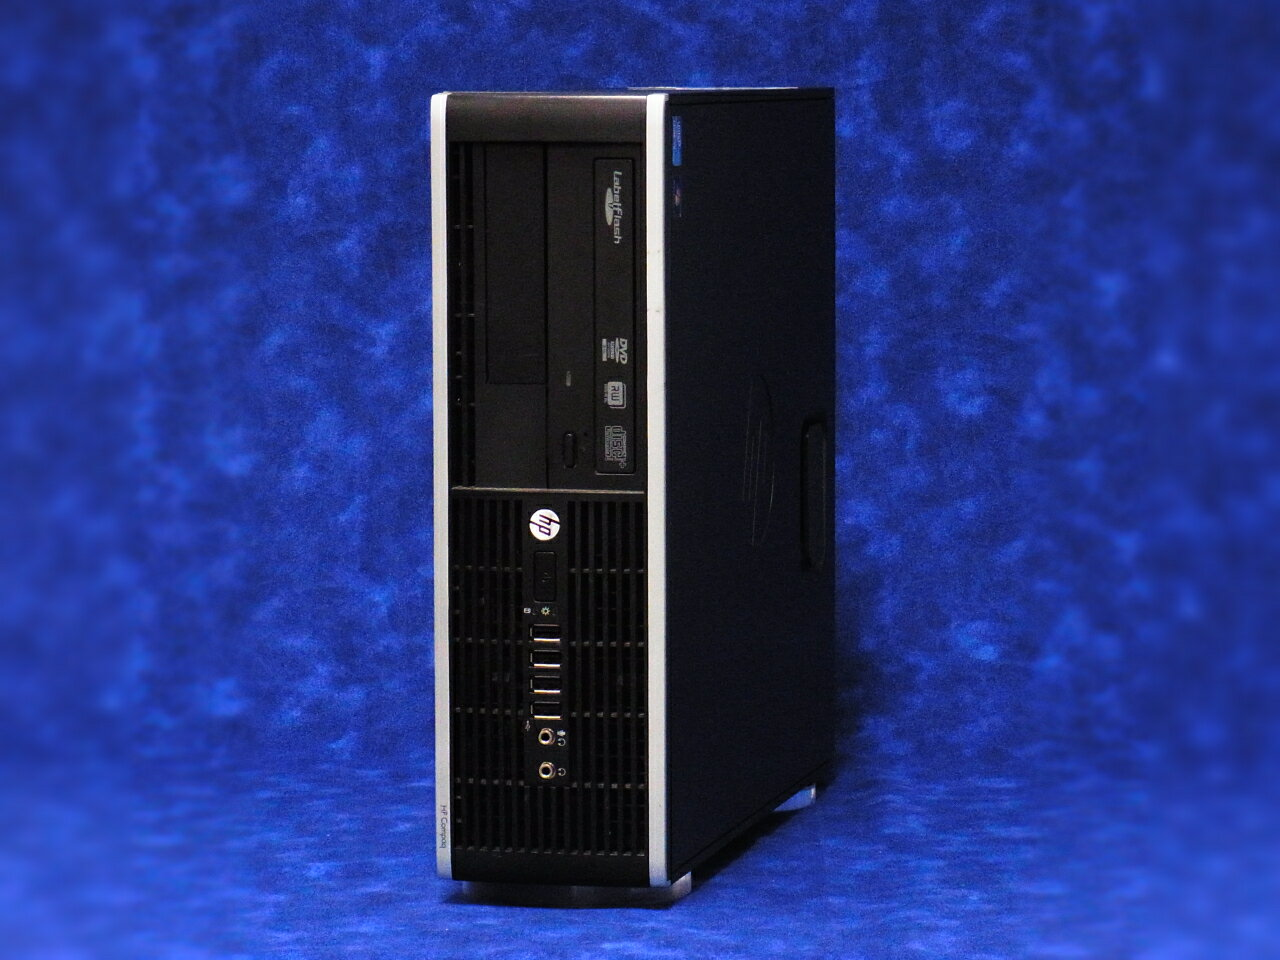 【中古】高速 第2世代 Core i3 搭載! 4GB/500GB/DVDマルチ HP Compaq 6300PRO